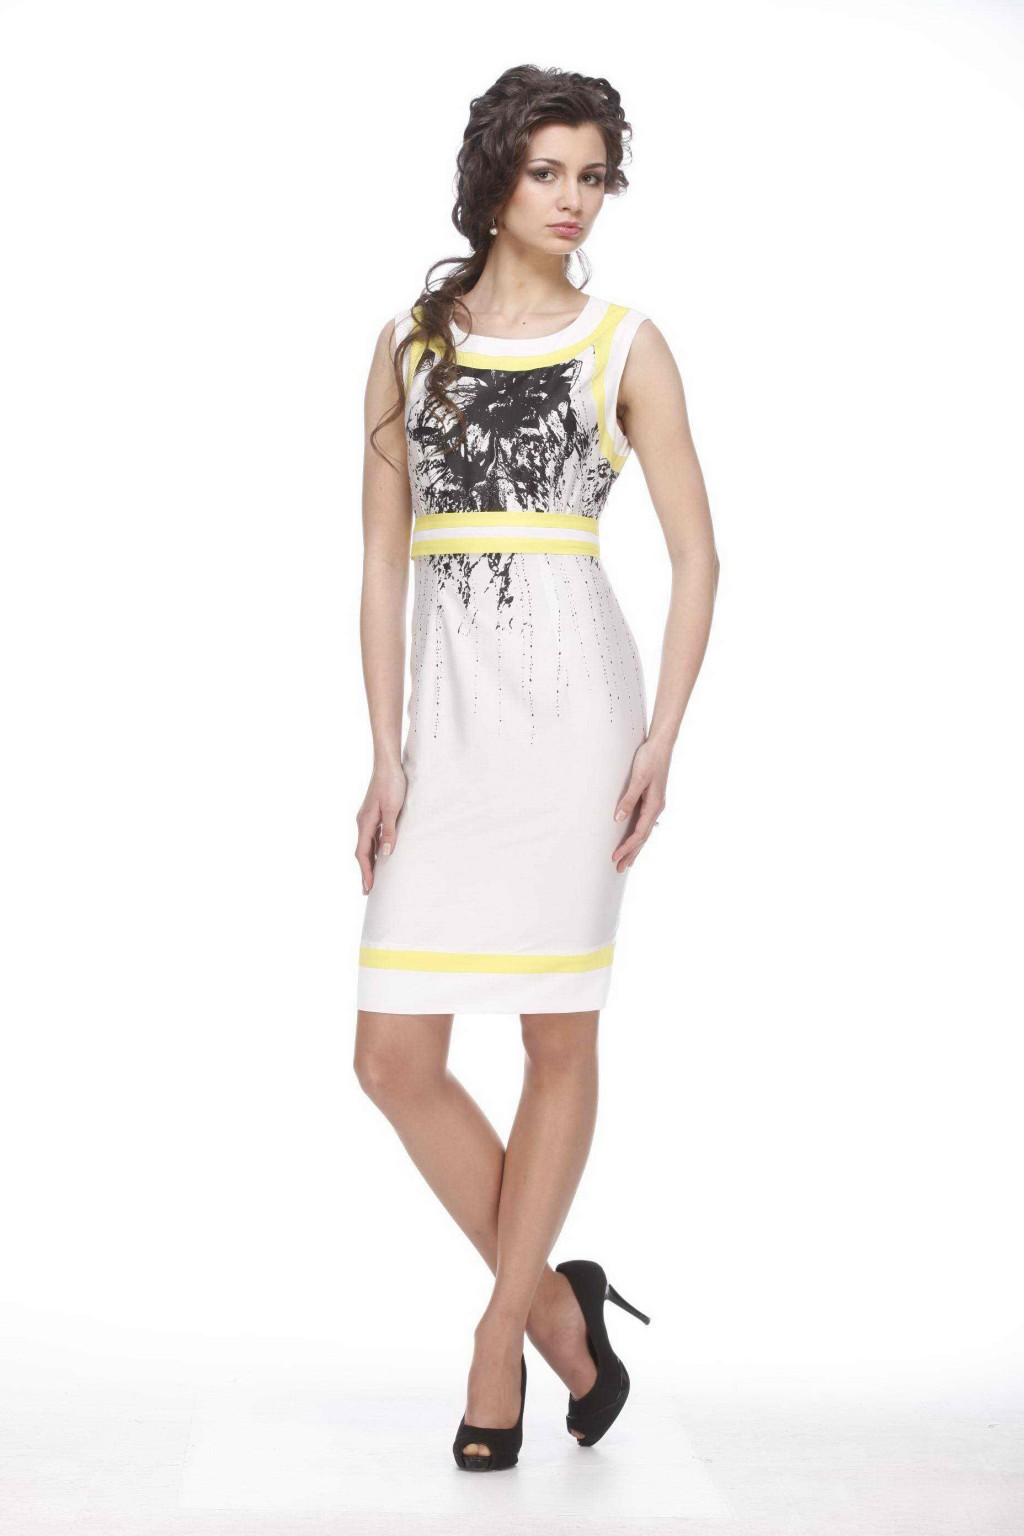 Сбор заказов. Снегопад цен!!! 85% скидка на всё!!! Белорусская мода Ю...Неподражаемые и сексуальные!!! Лакби, Кондра